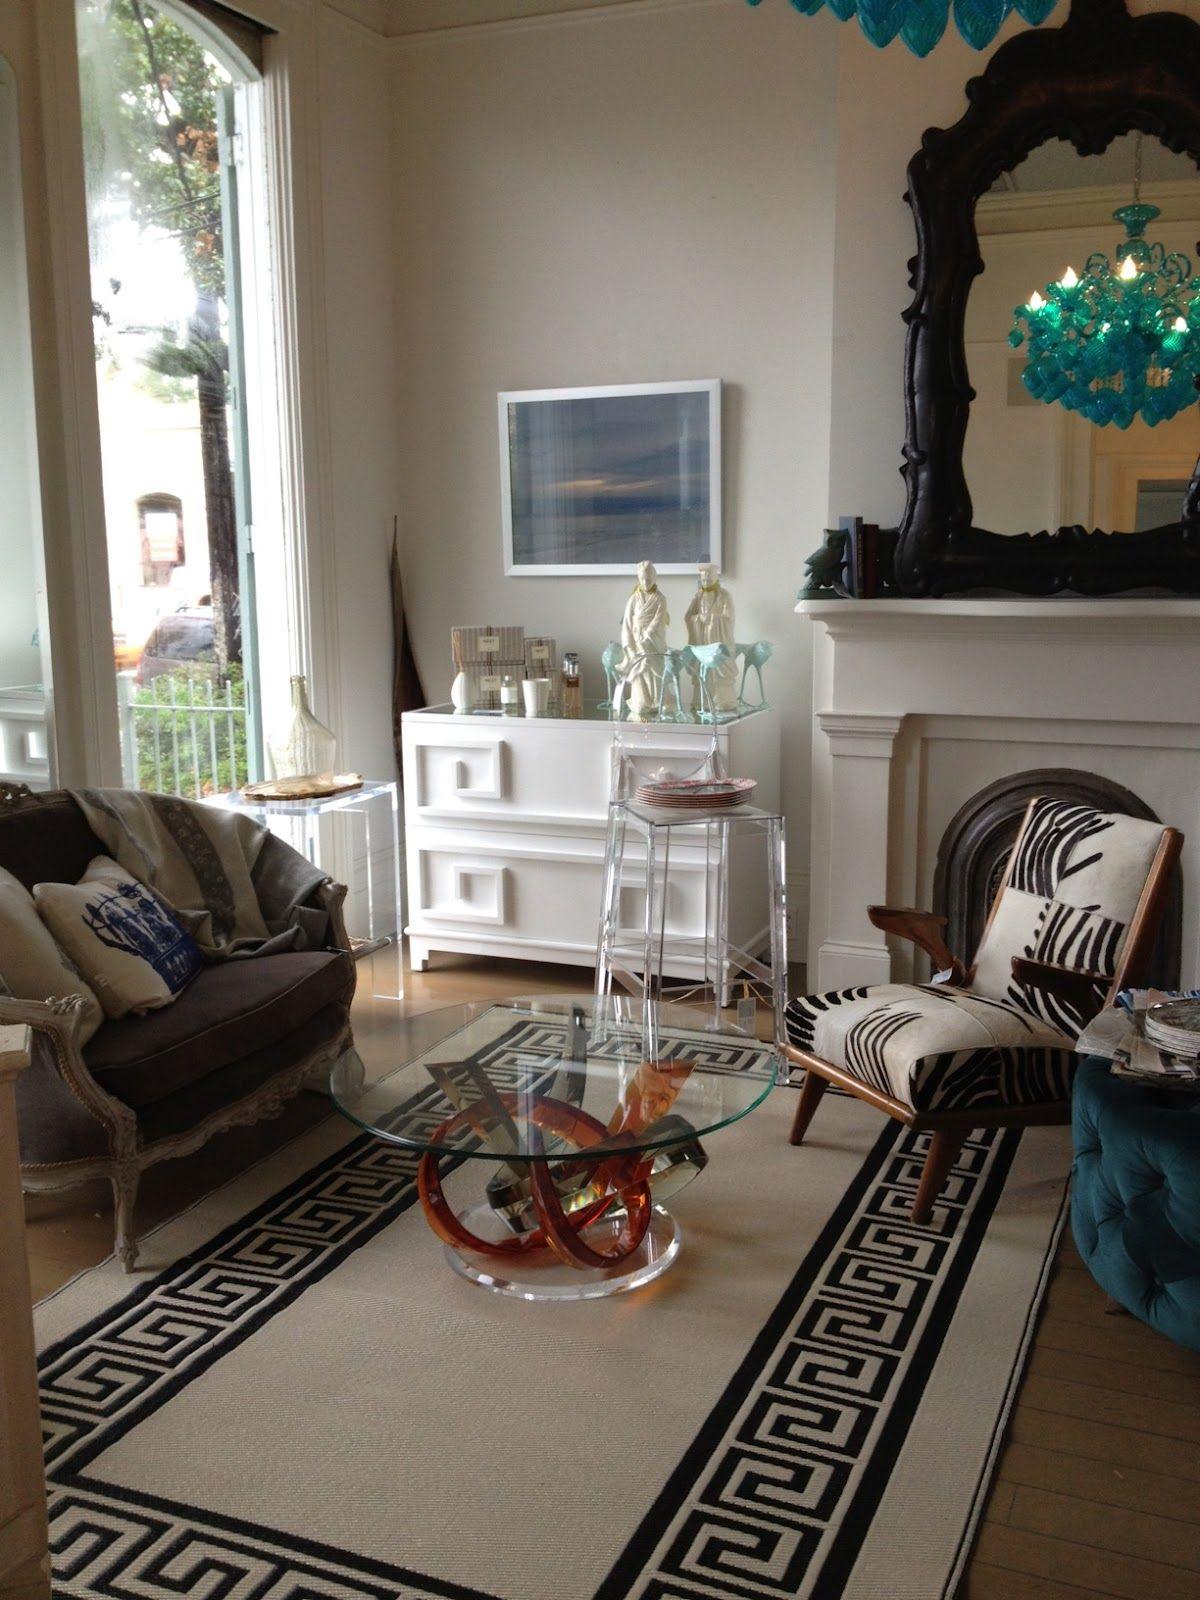 perch new orleans   Interior design, Interior, Home decor